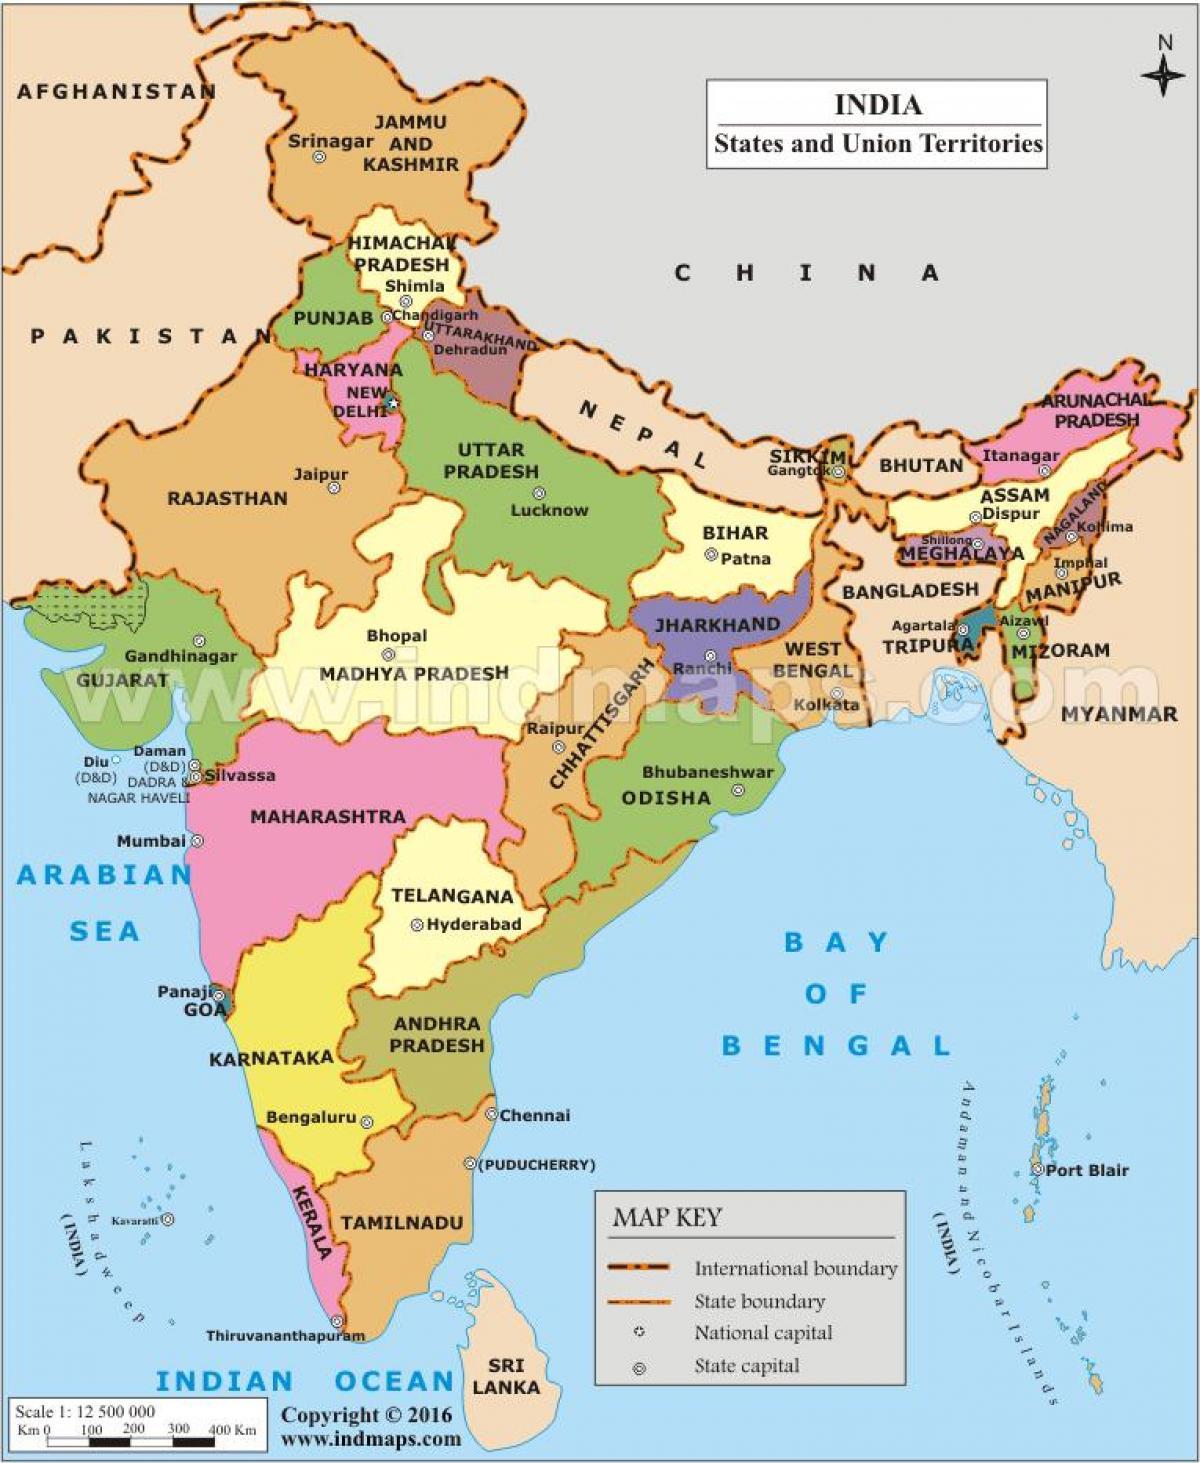 Carte Asie Inde.L Inde Carte D Etat Carte D Etat De L Inde Asie Du Sud